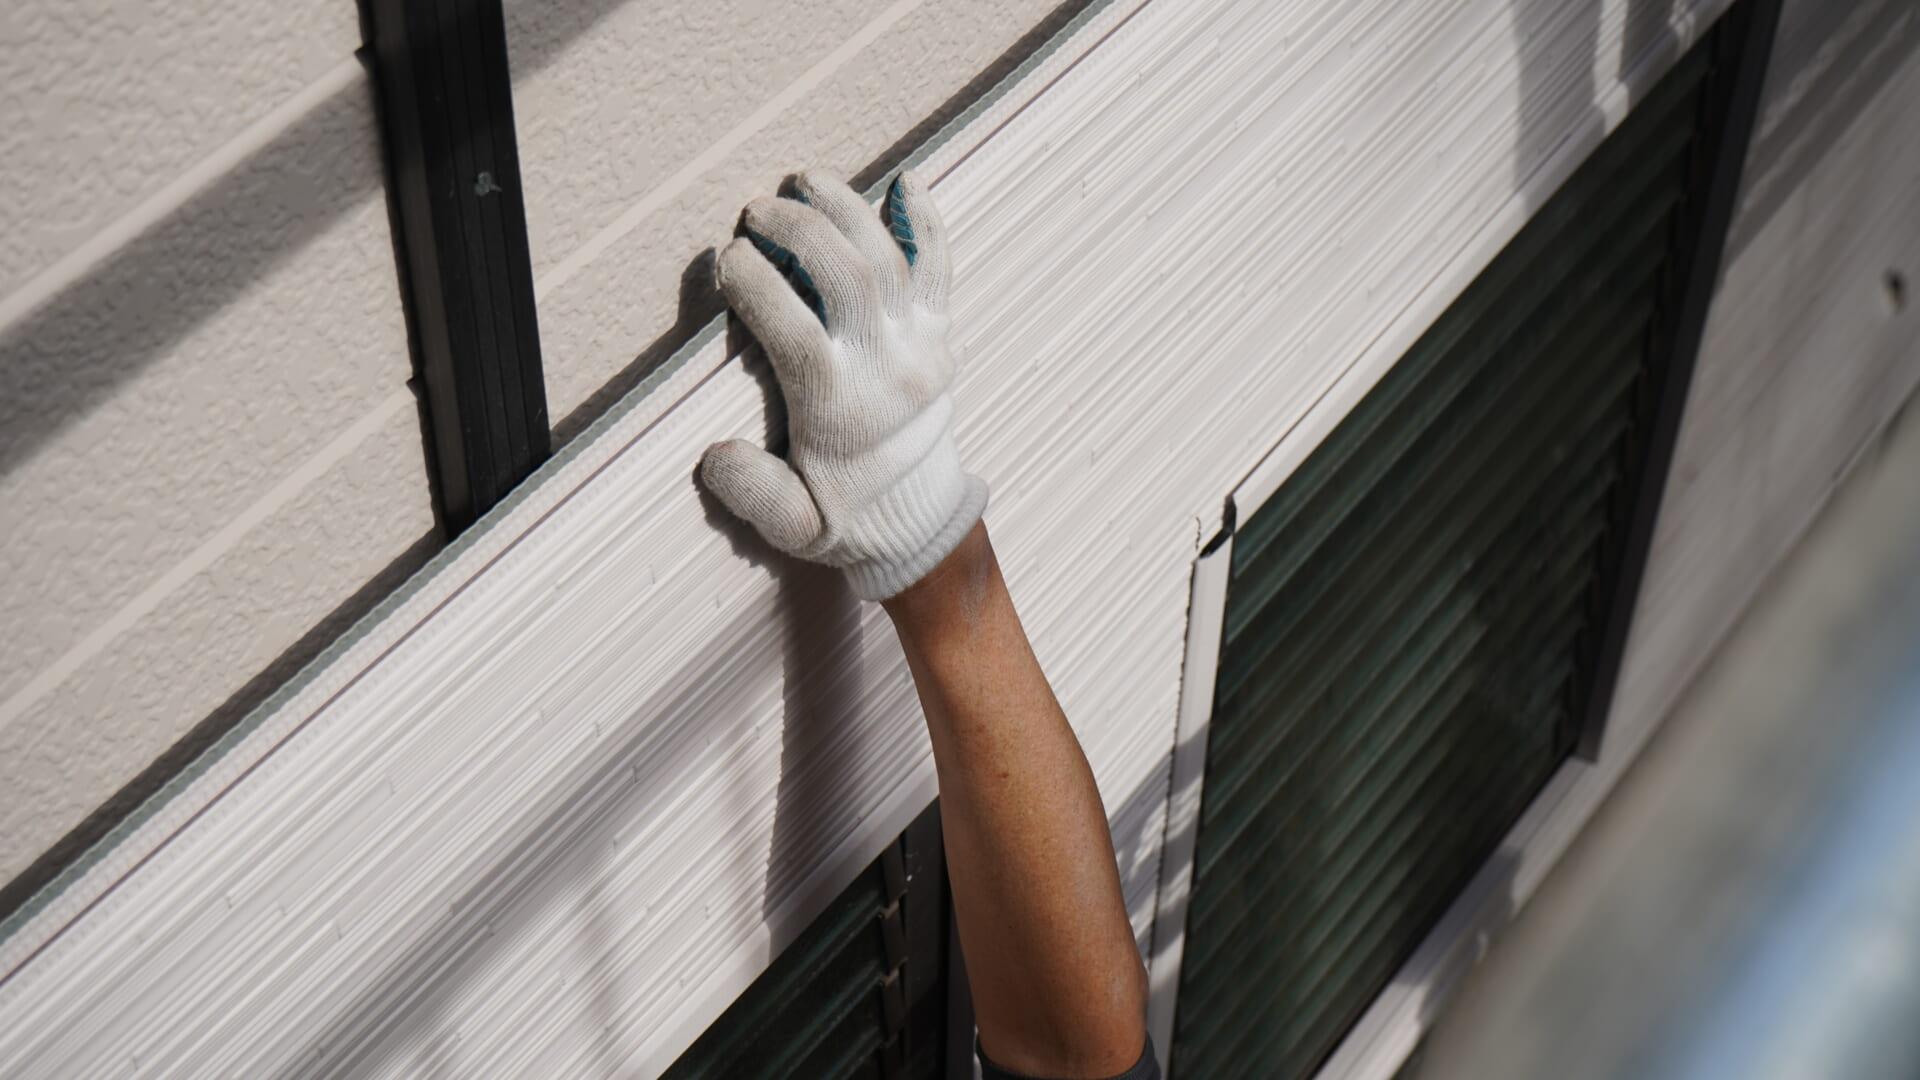 断熱材一体型の金属サイディングで外壁カバー工法